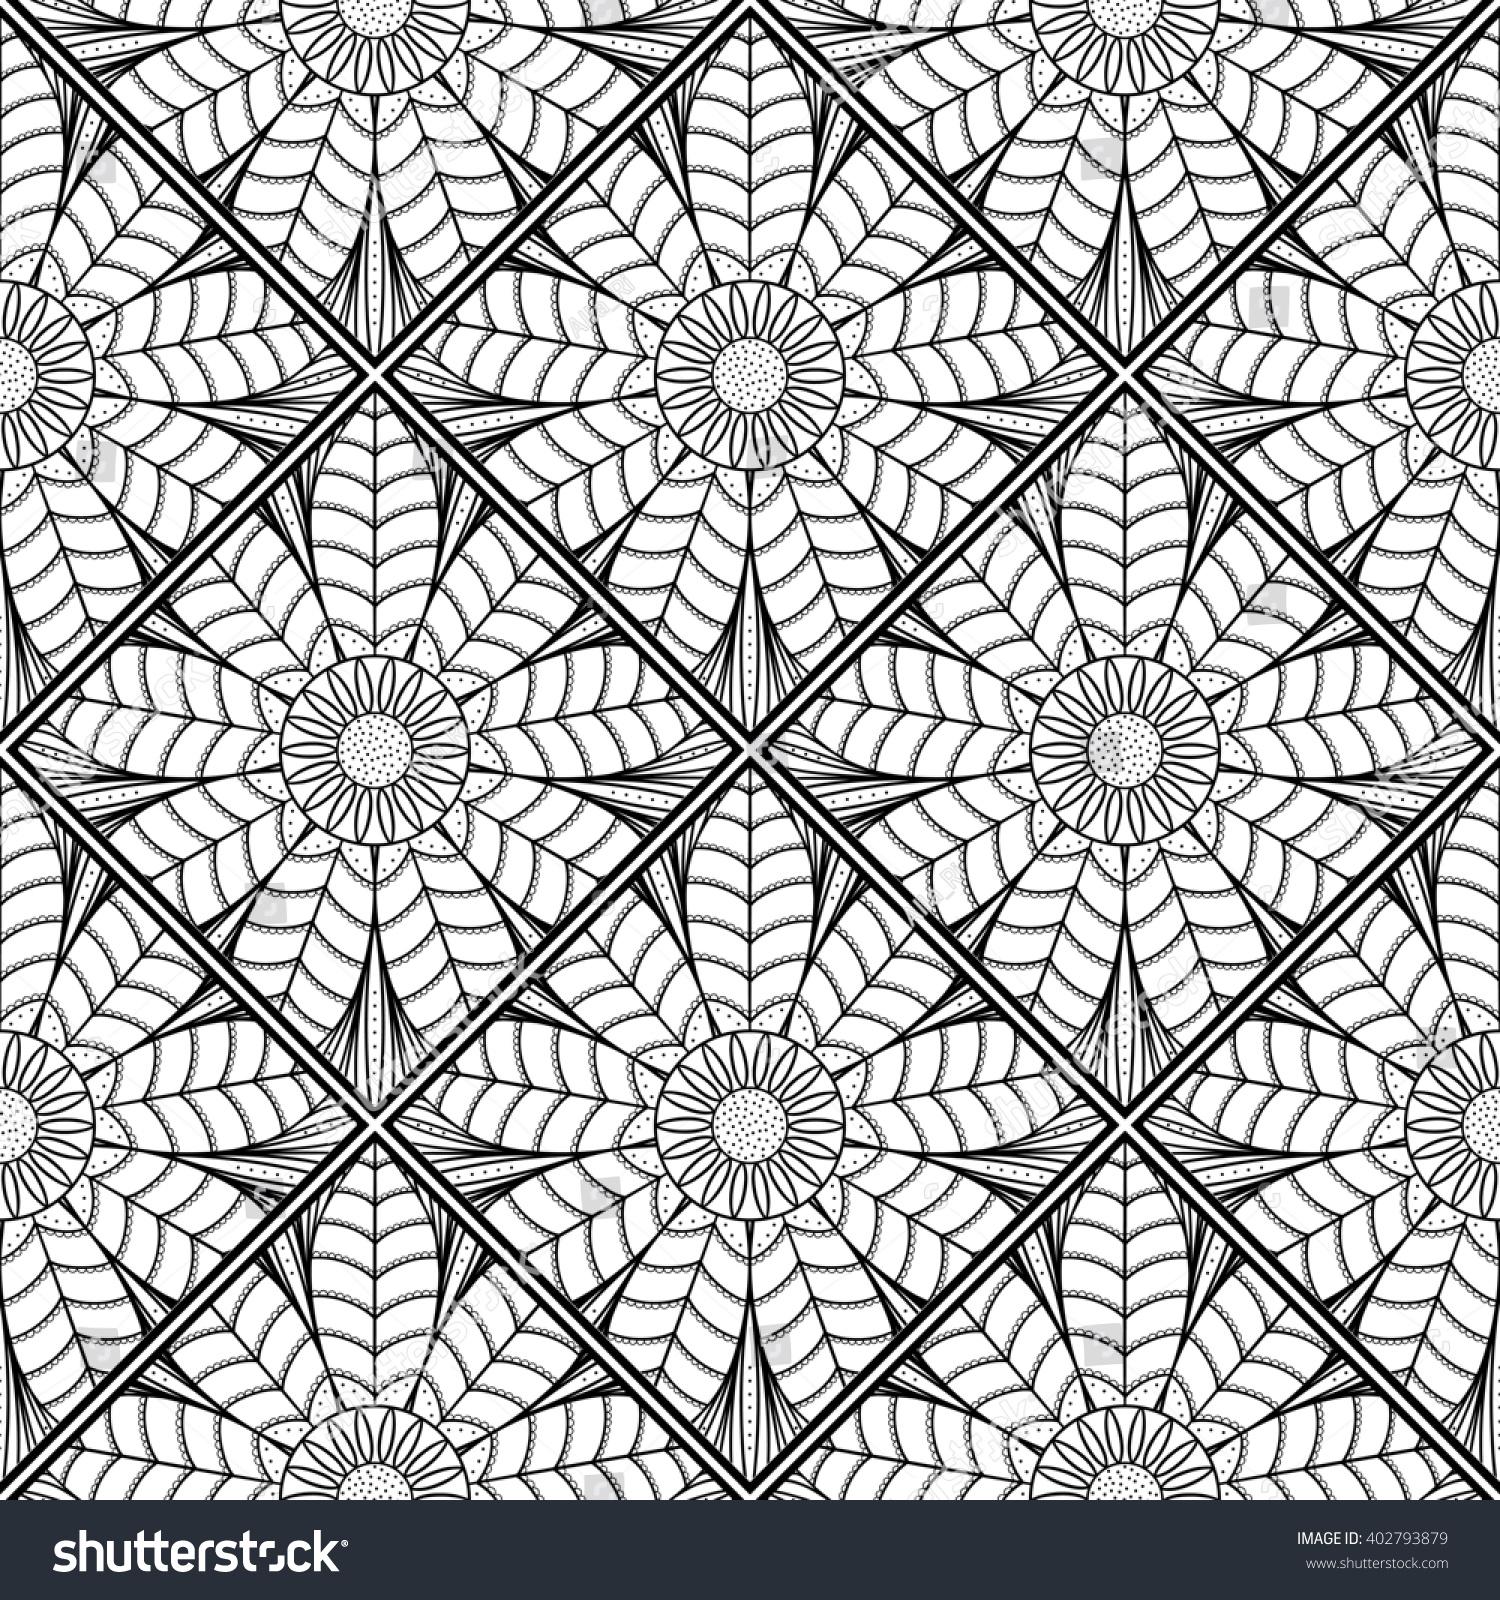 Raster Copy Mosaic Pattern Lotus Flower Stock Illustration 402793879